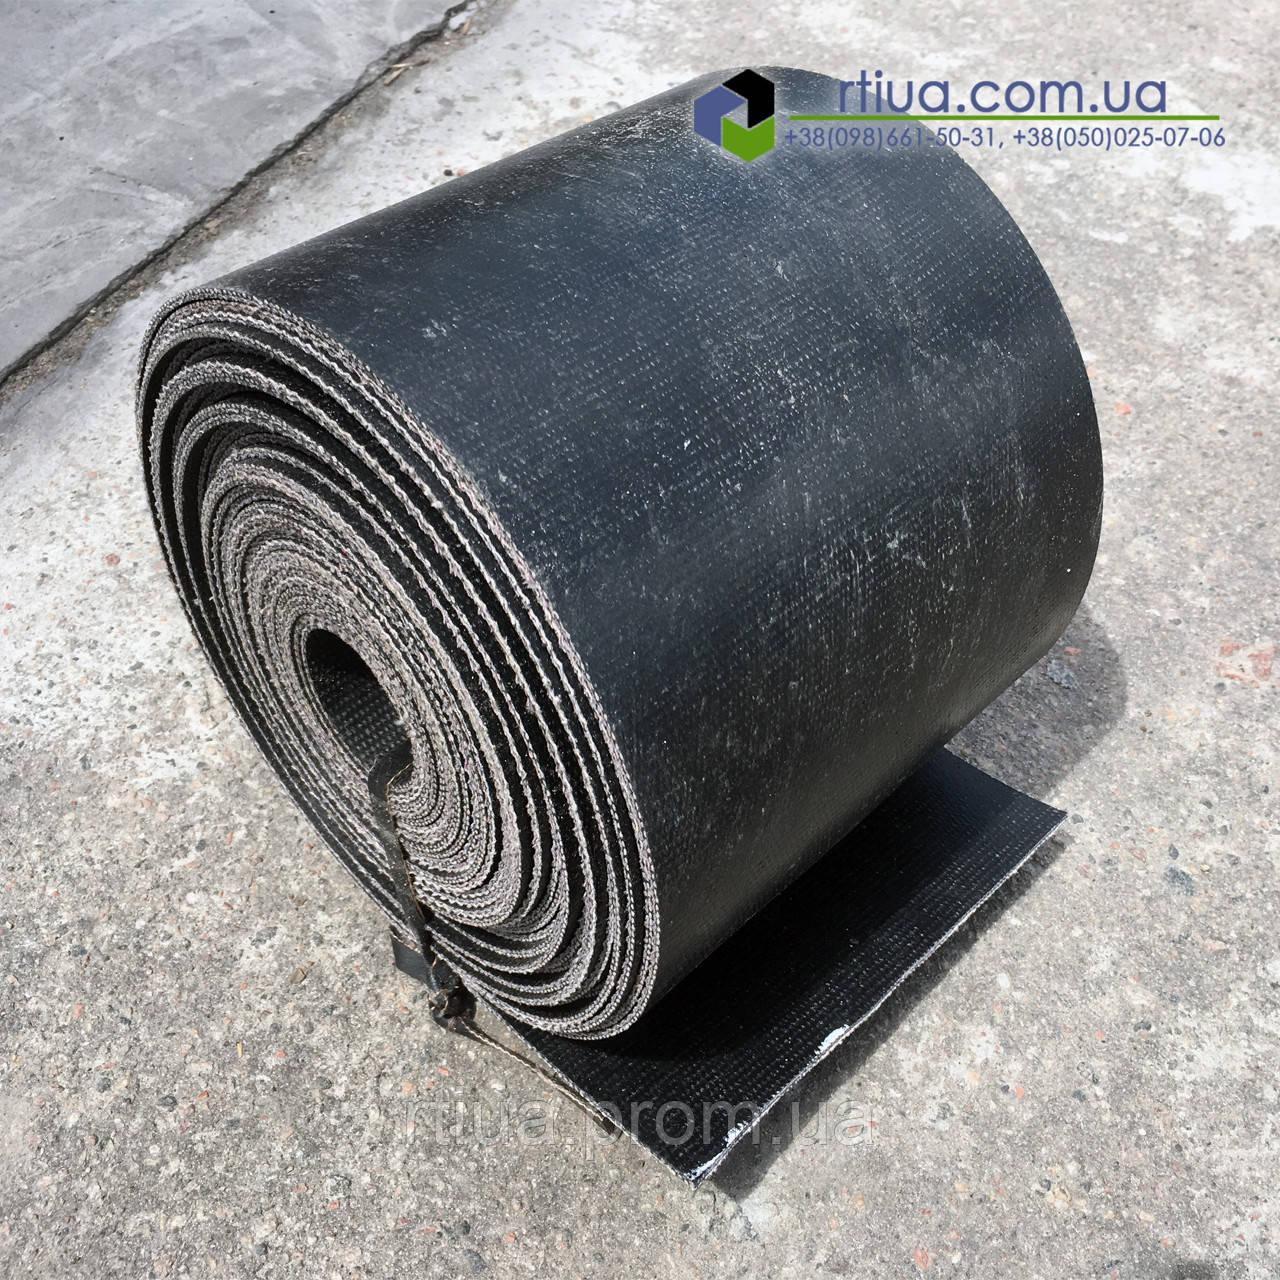 Транспортерная лента БКНЛ, 600х2 - 2/0 (4 мм)